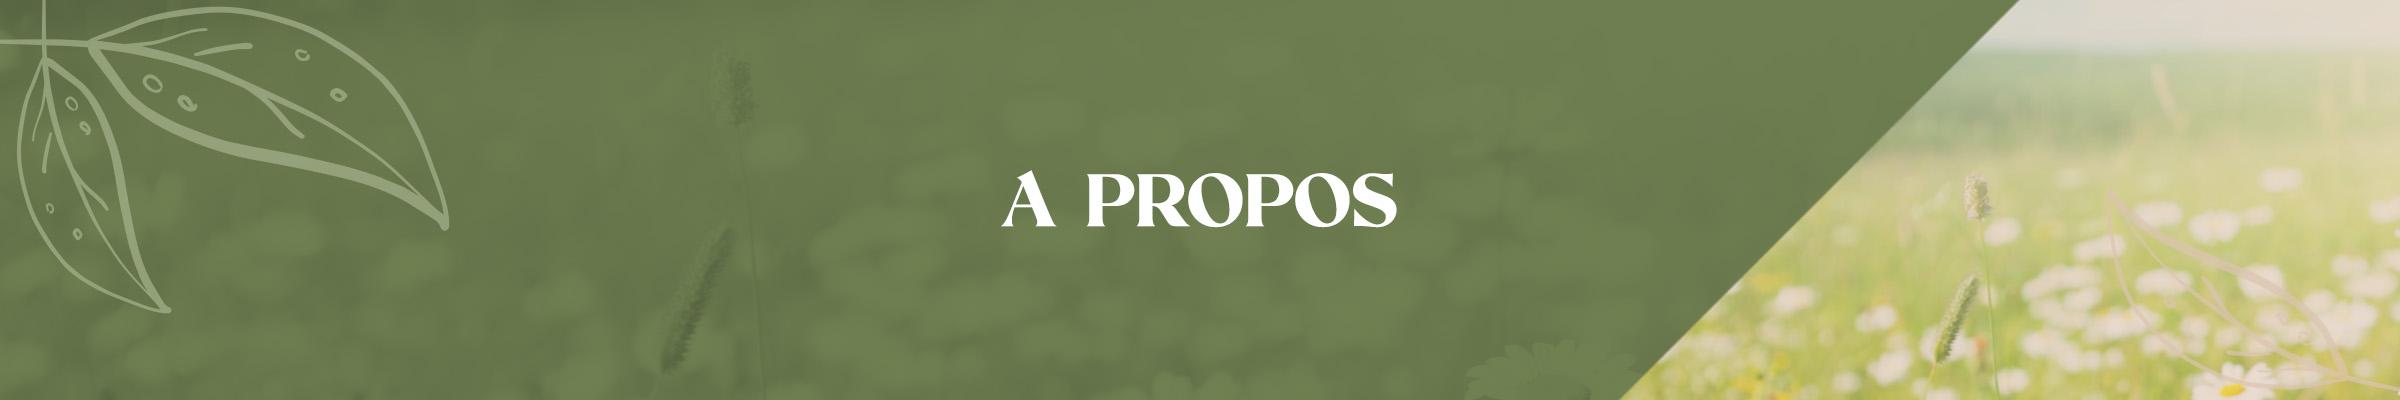 Campagne - Bannière A Propos